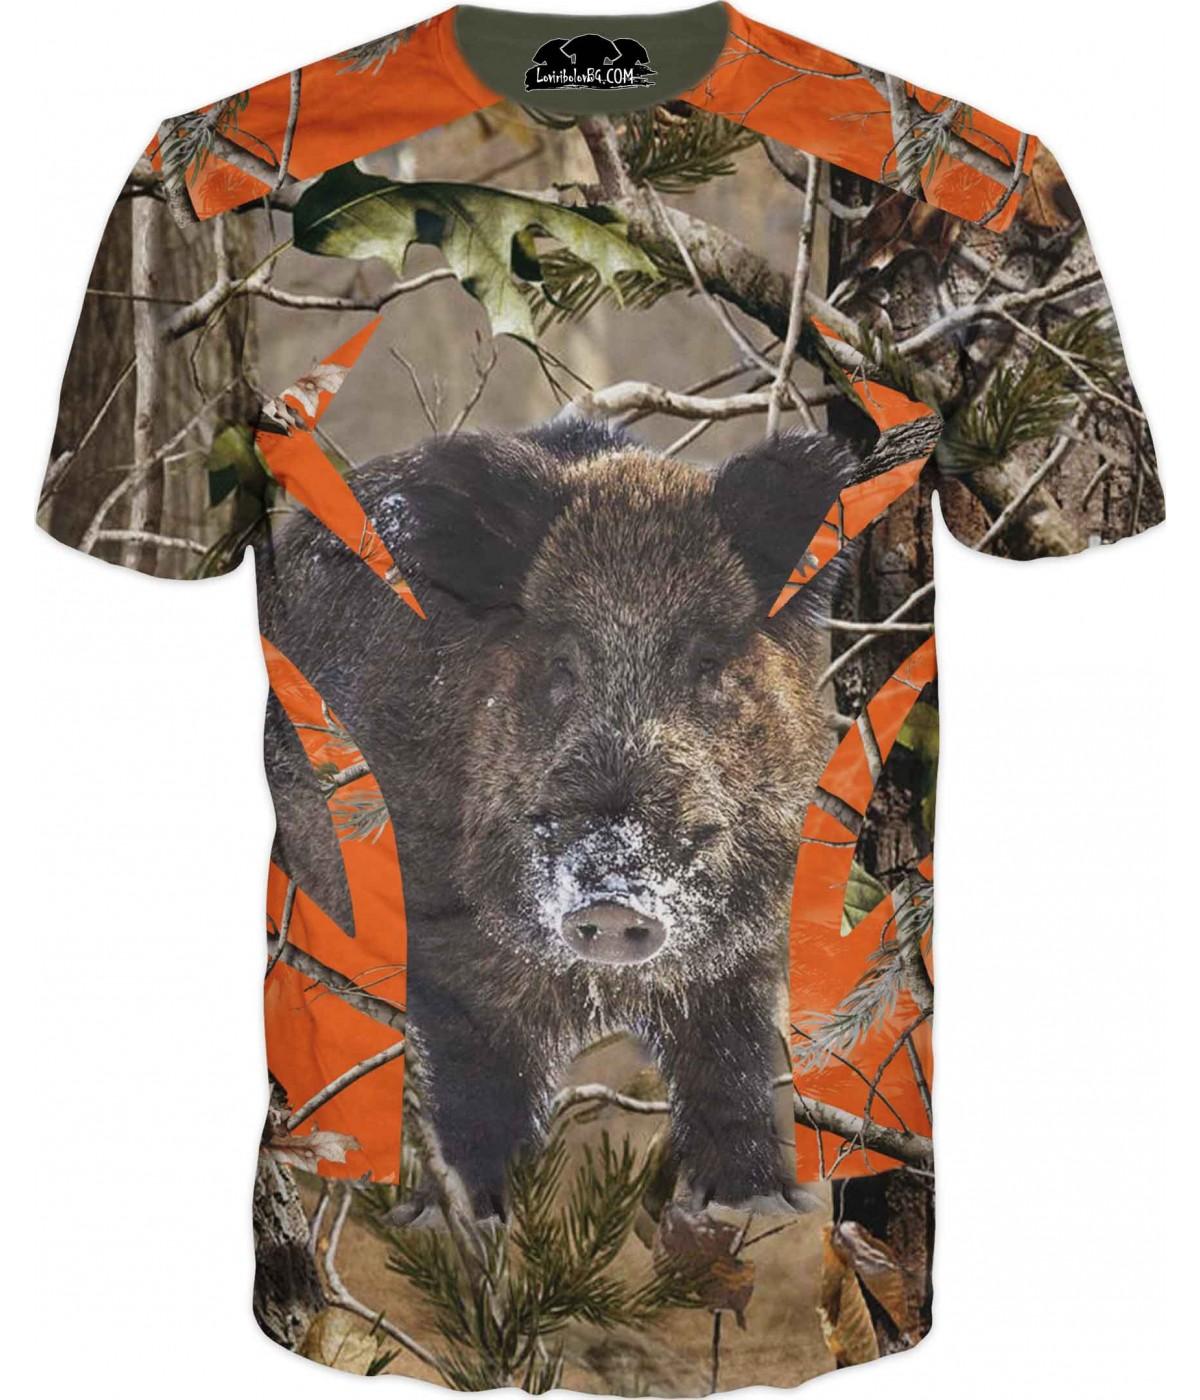 Ловна фен тениска с диво прасе в горски камуфлаж